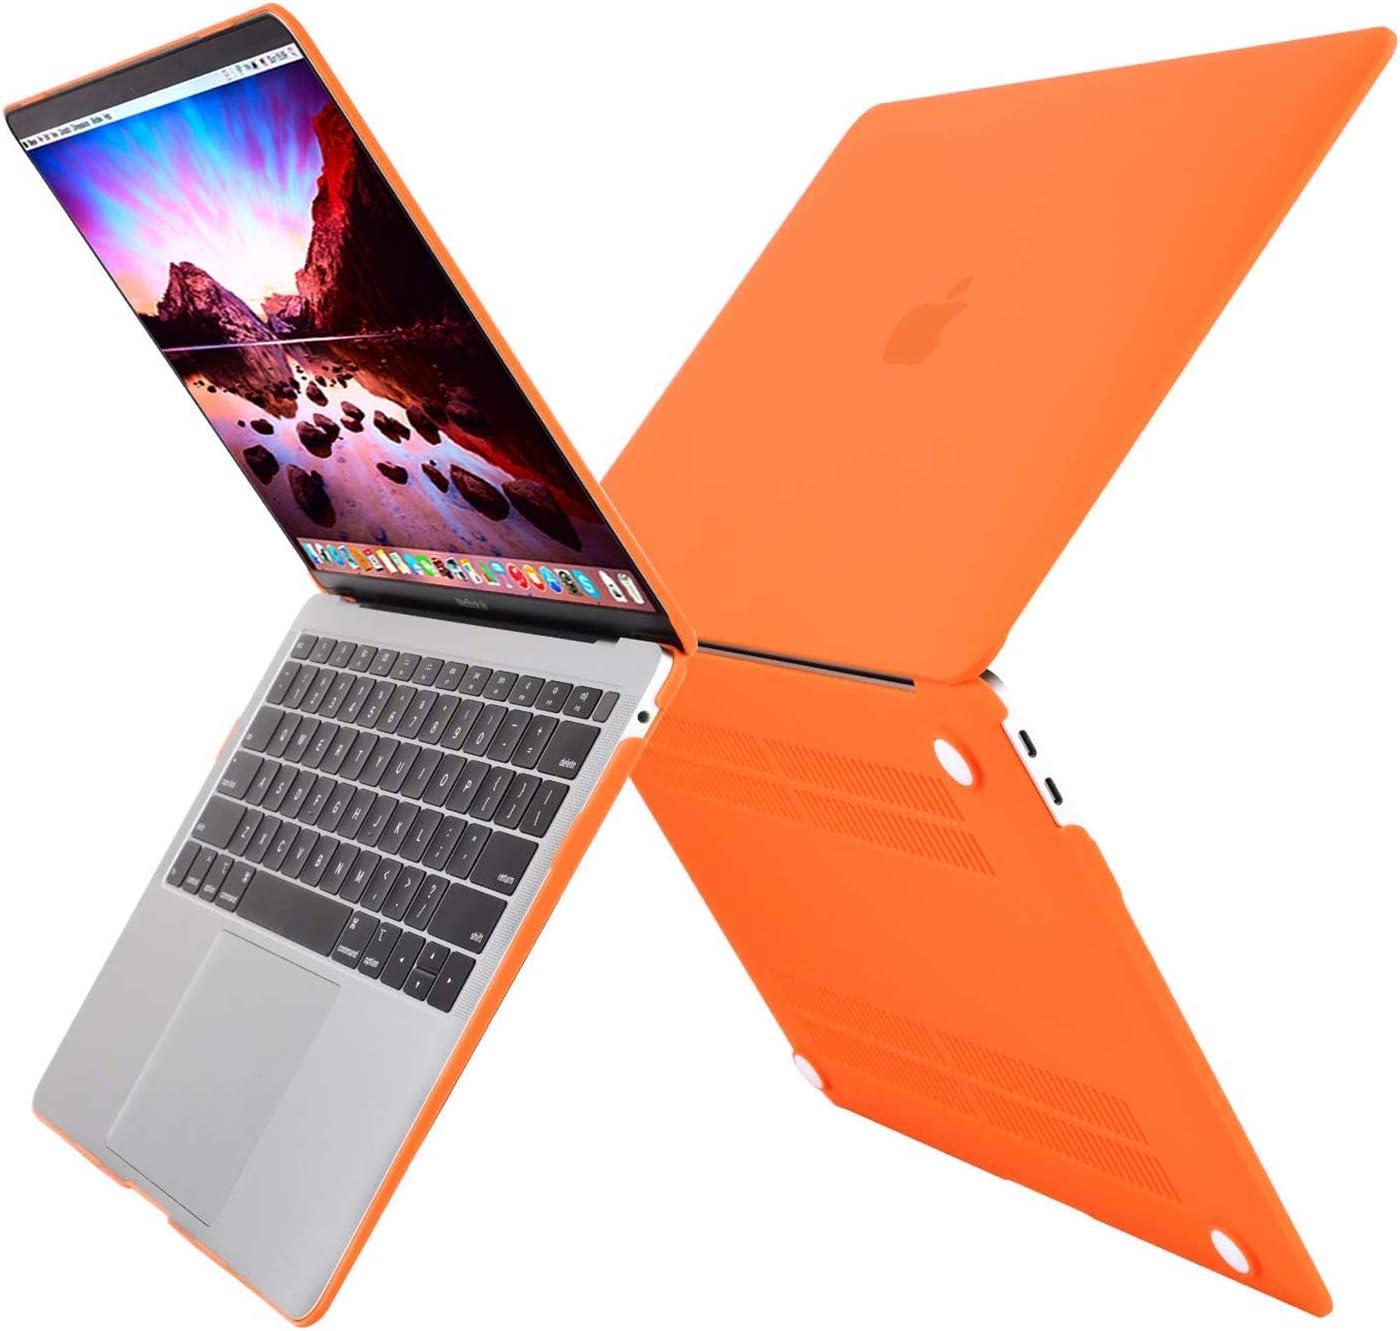 MOSISO H/ülle Kompatibel mit MacBook Air 13 2020 2019 2018 Freisetzung A2179 A1932 Retina Display Plastik Hartschale Case Cover Nur Kompatibel mit MacBook Air 13 Zoll mit Touch ID Mitternacht Gr/ün